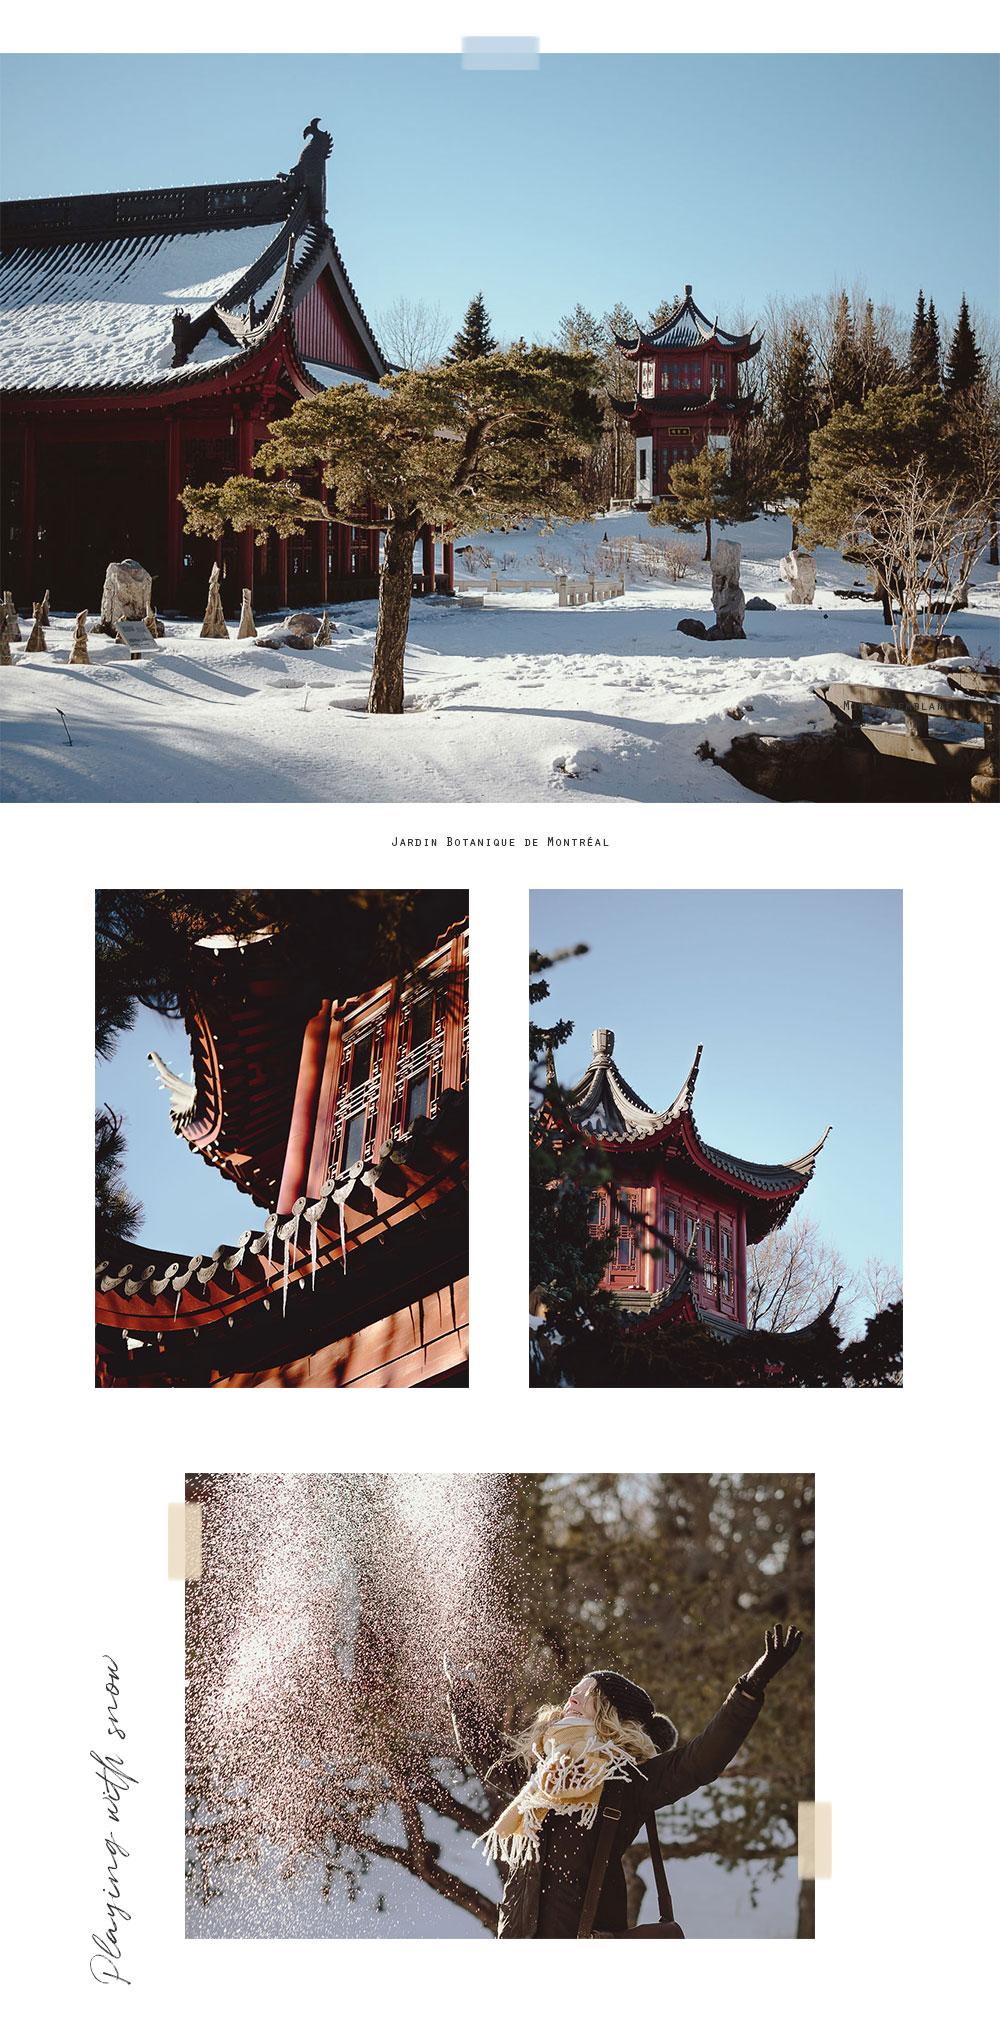 C'est LA sortie que je vous conseille de faire cet hiver pour un dépaysement total en pleine ville, et c'est gratuit ! Voici une séance portrait au Jardin de Chine dans le Jardin Botanique de Montréal, en plein hiver.